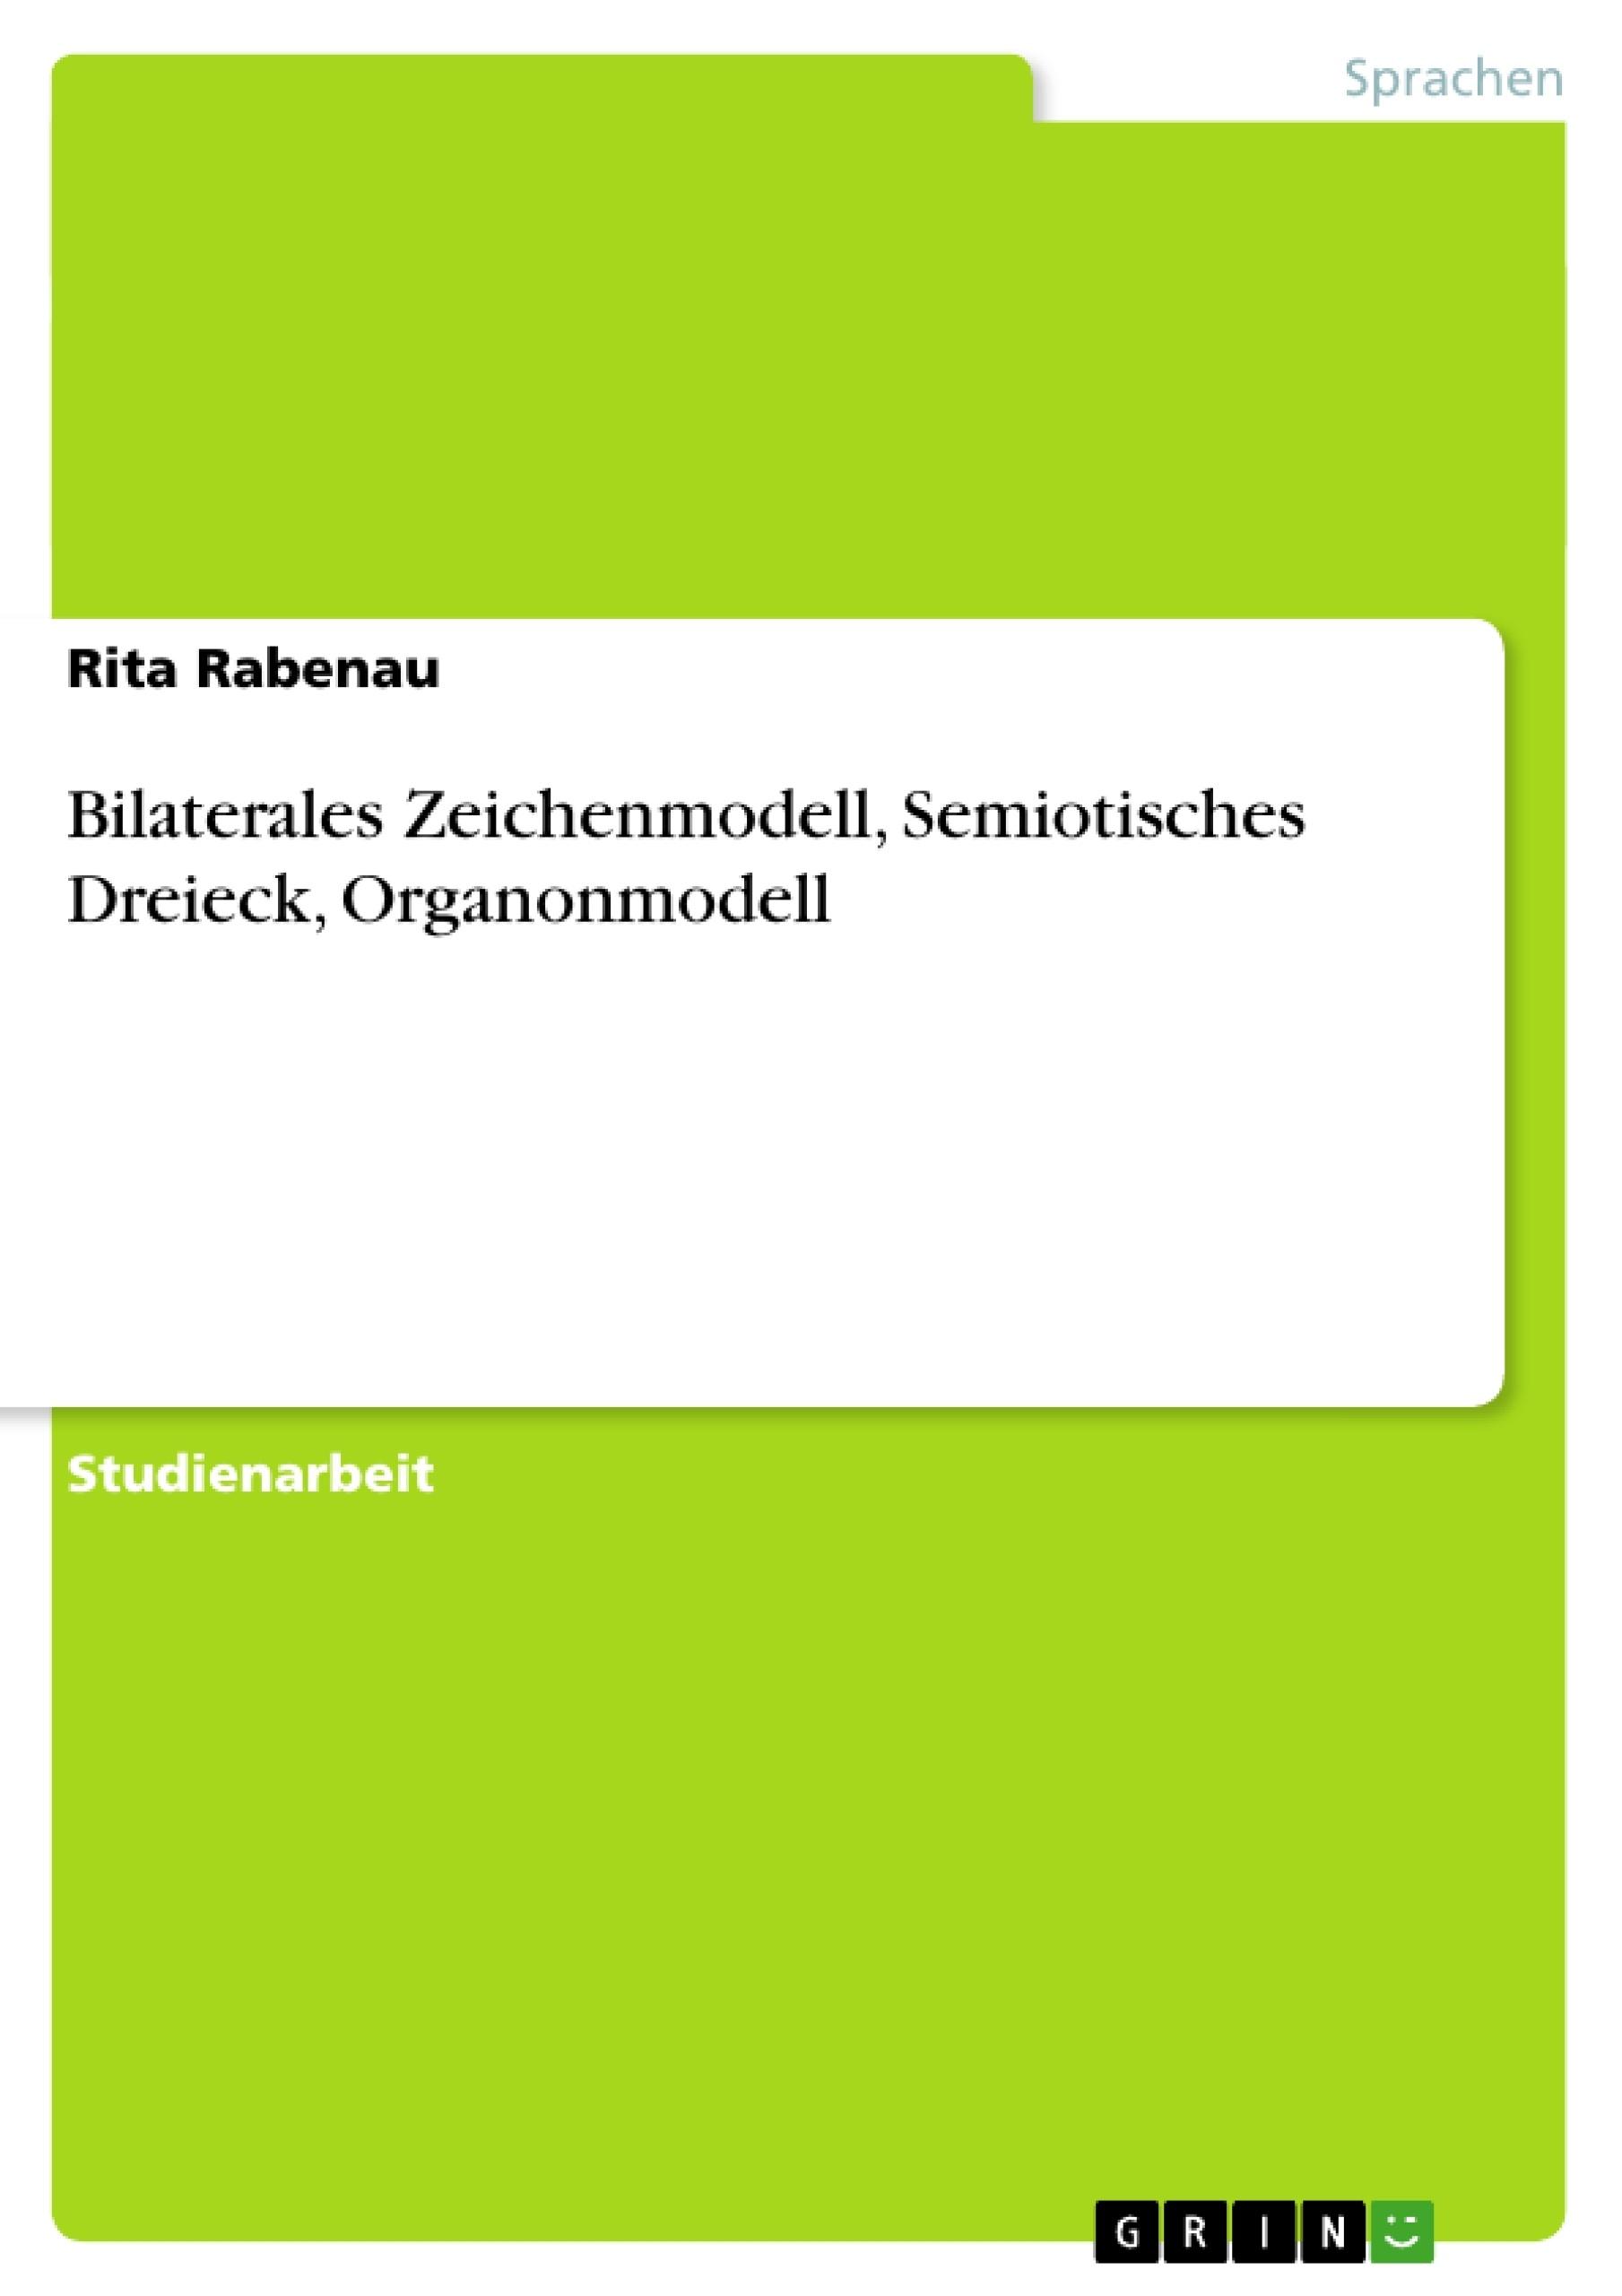 Titel: Bilaterales Zeichenmodell, Semiotisches Dreieck, Organonmodell